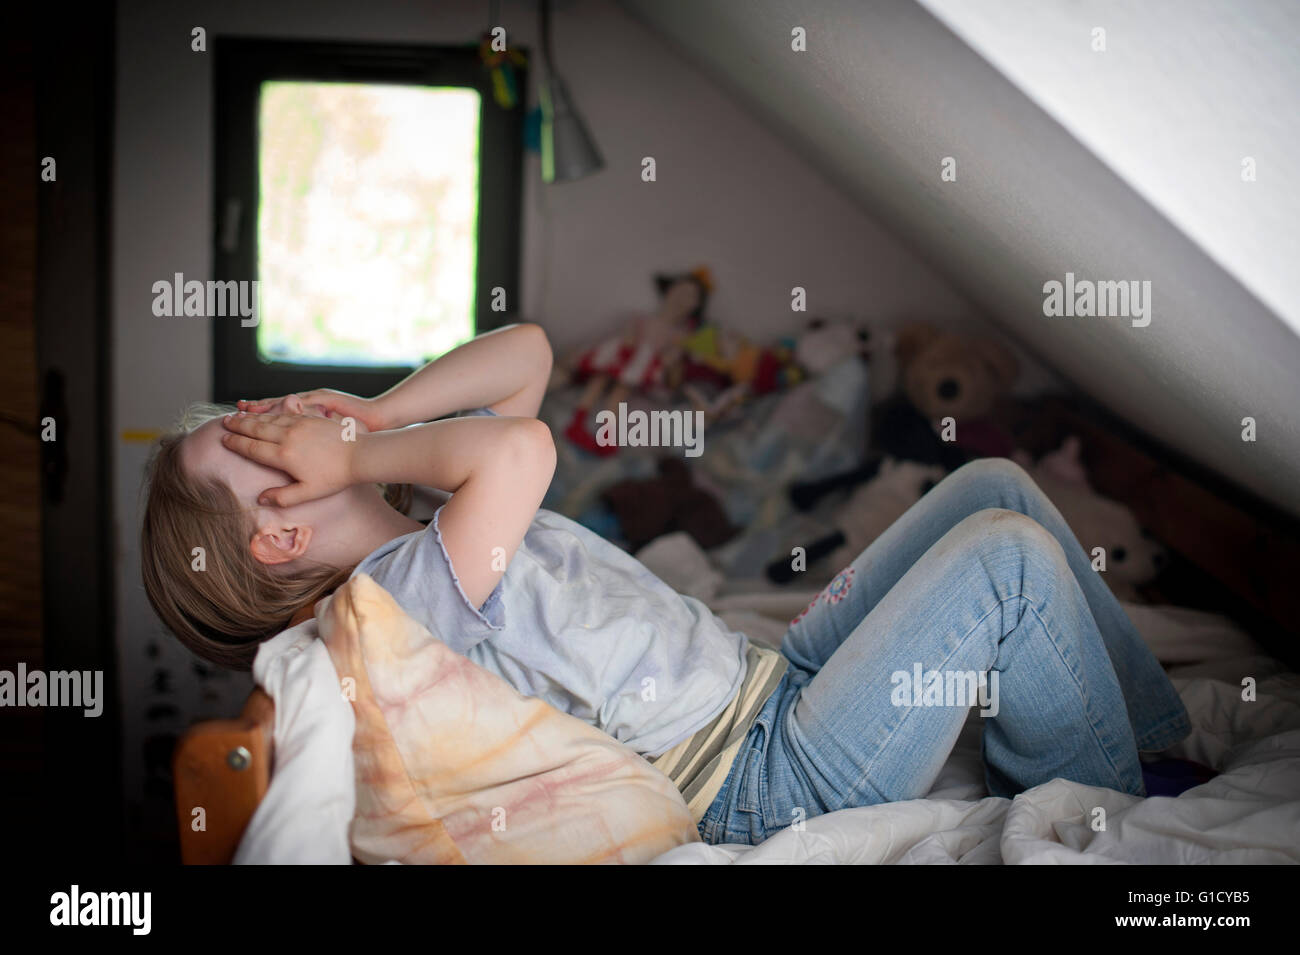 Ragazza giovane sconvolto a casa nella sua camera da letto. Immagini Stock